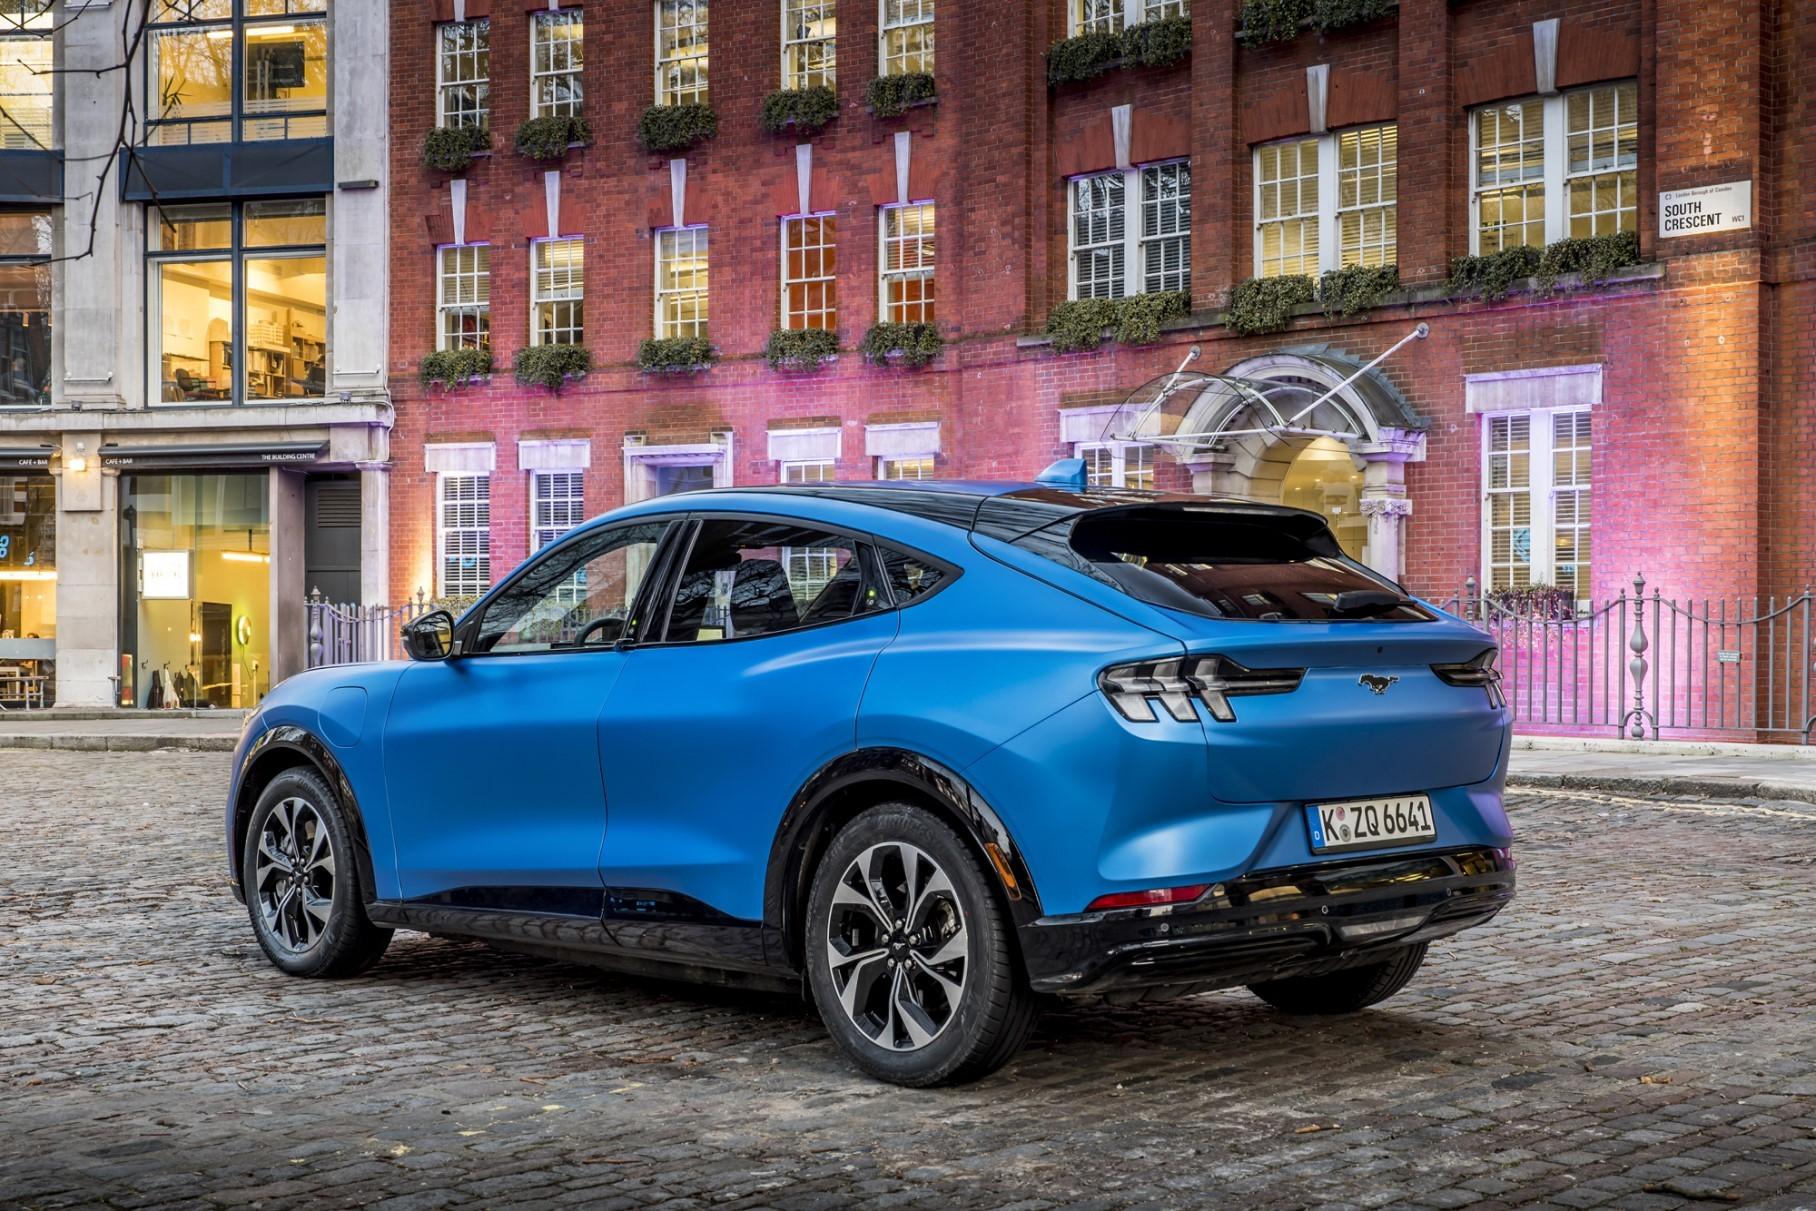 Автомобилестроитель «Форд» официально представил Mustang Mach-E с полностью электрической силовой установкой. Премьера прошла на специальном мероприятии в британском Лондоне.